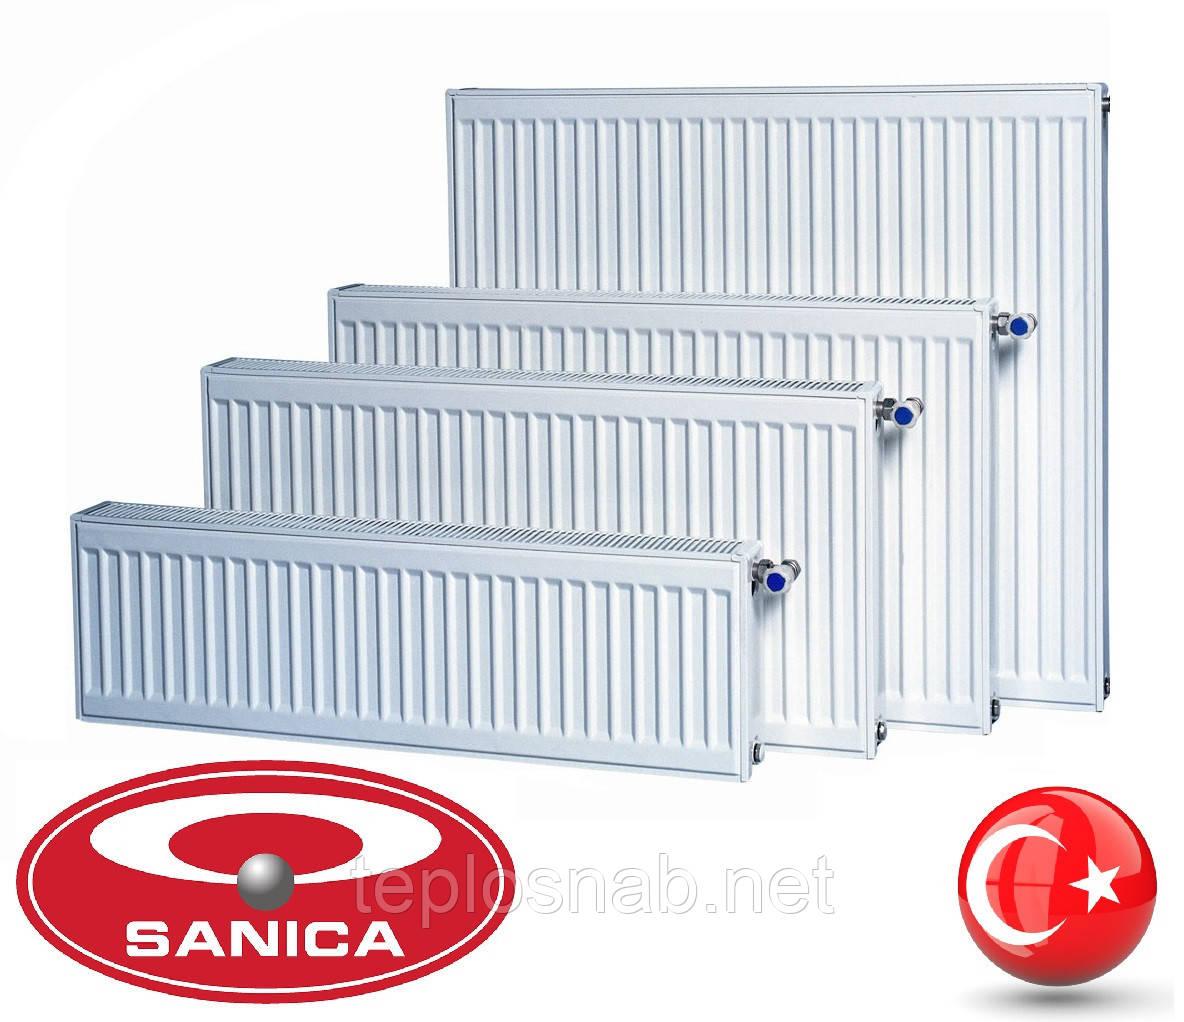 Стальной радиатор Sanica 22 тип (500 х 1600 мм) / 3086 Вт